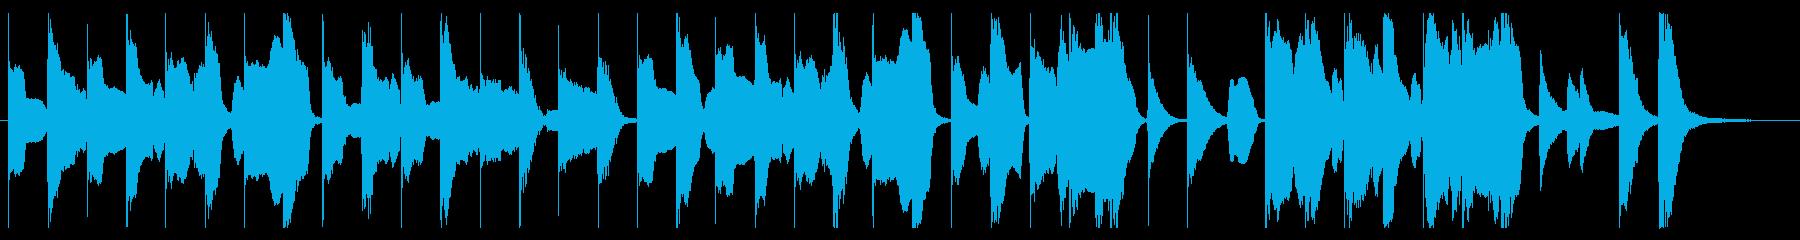 動物の映像等に使えるほのぼのしたジングルの再生済みの波形